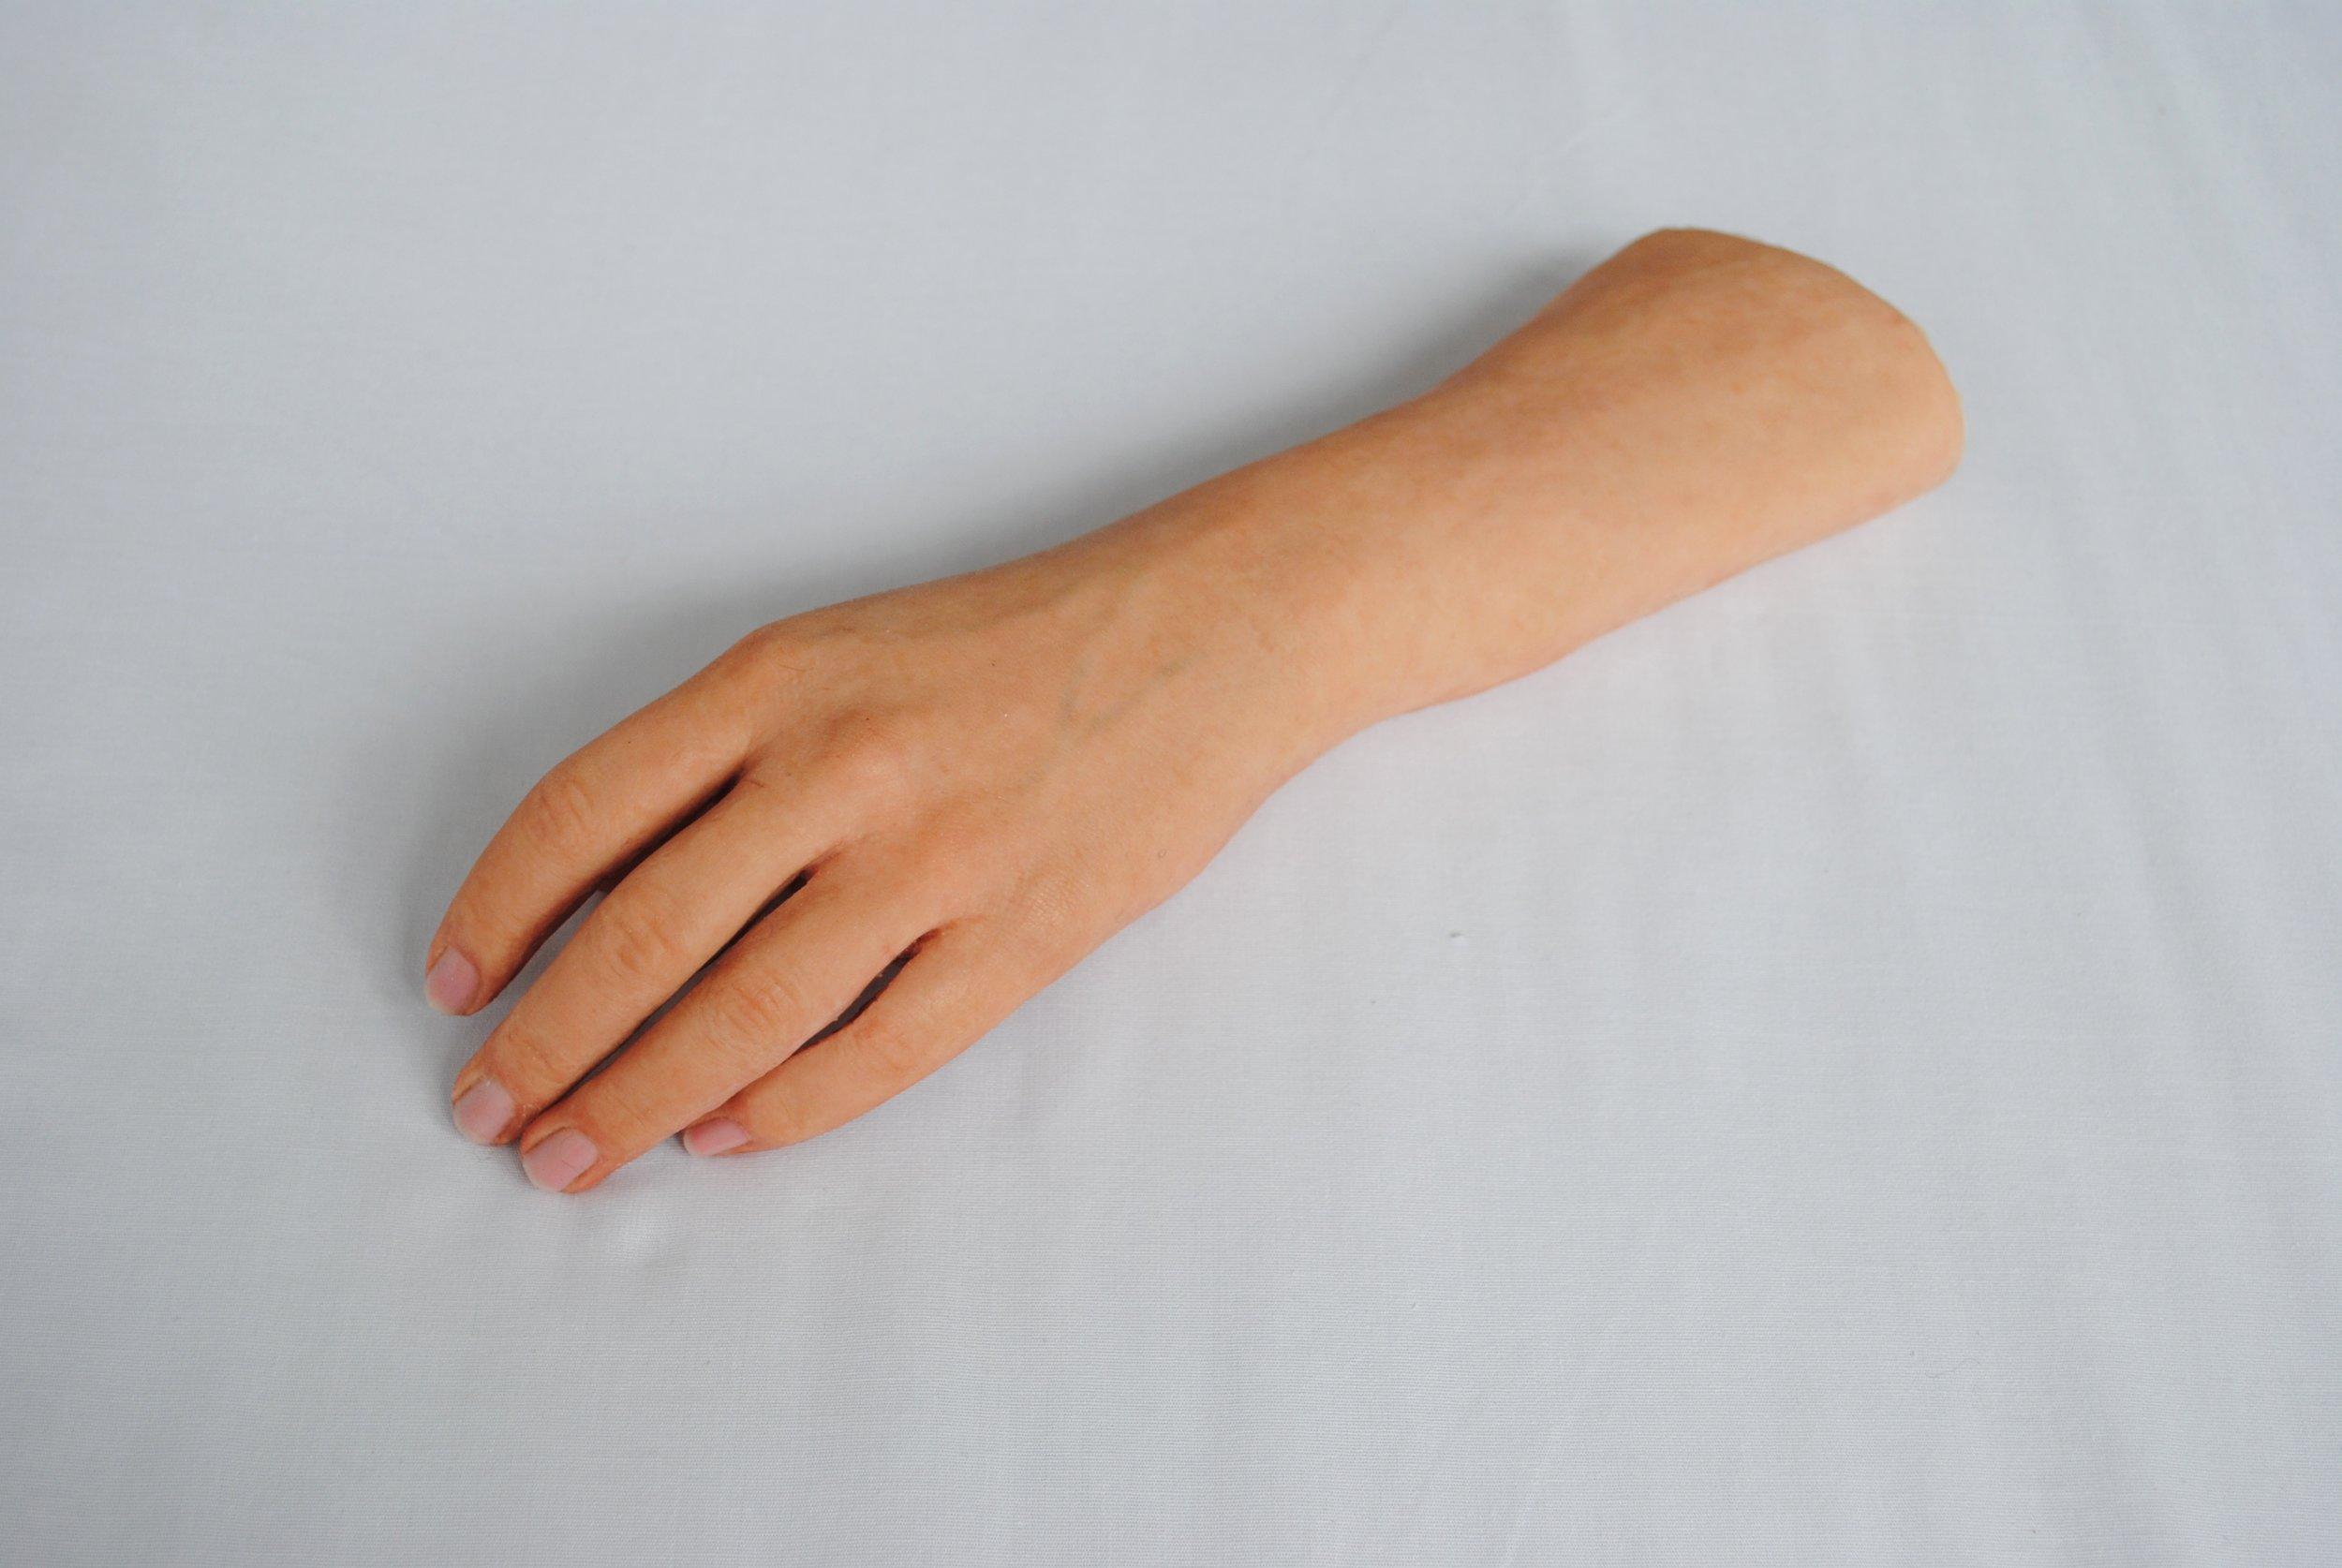 Full Hand Prosthesis